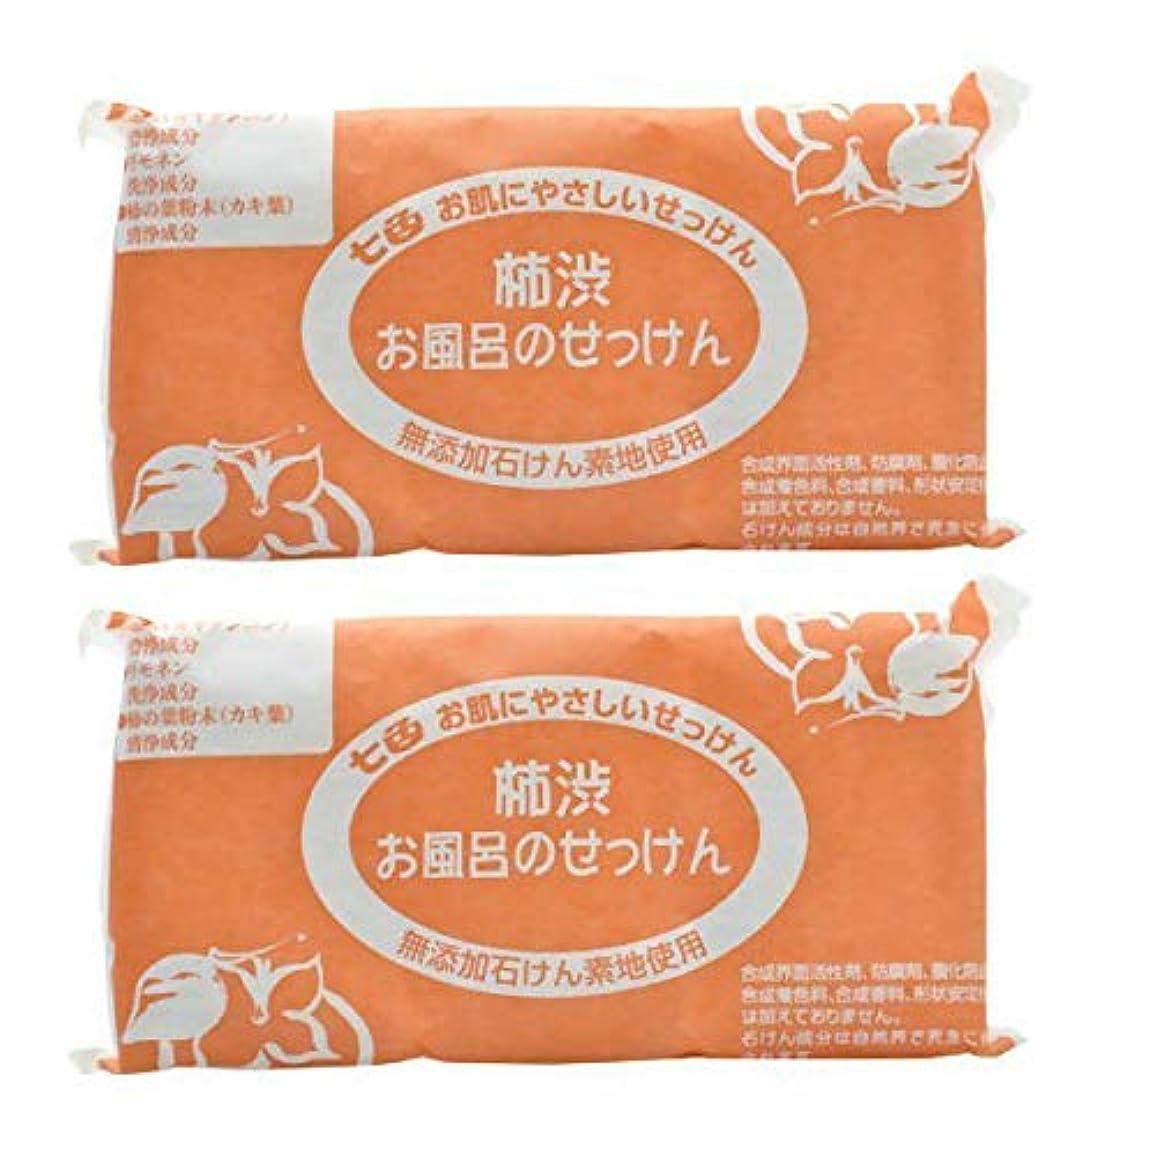 ヘア期待許容七色 お風呂のせっけん 柿渋(無添加石鹸) 100g×3個入×2セット